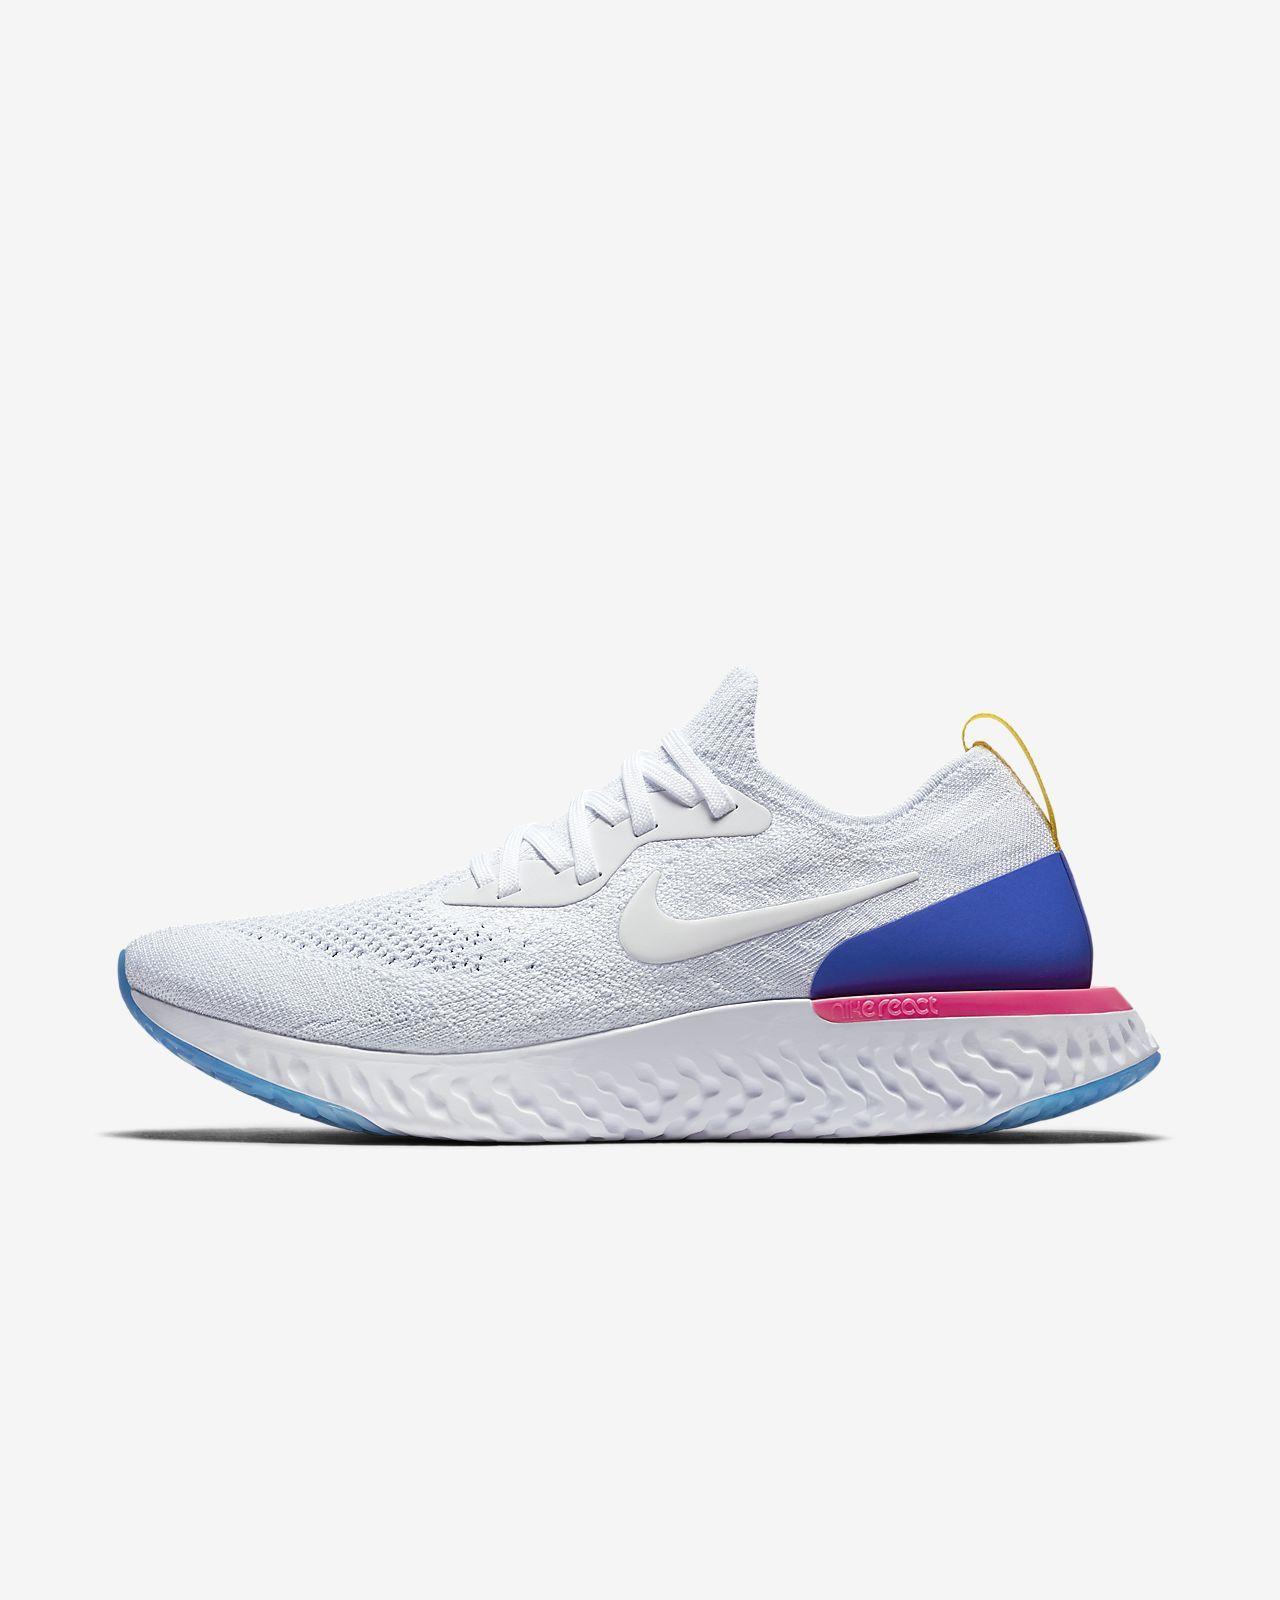 3e3e33b782c3 Nike Epic React Flyknit Men s Running Shoe